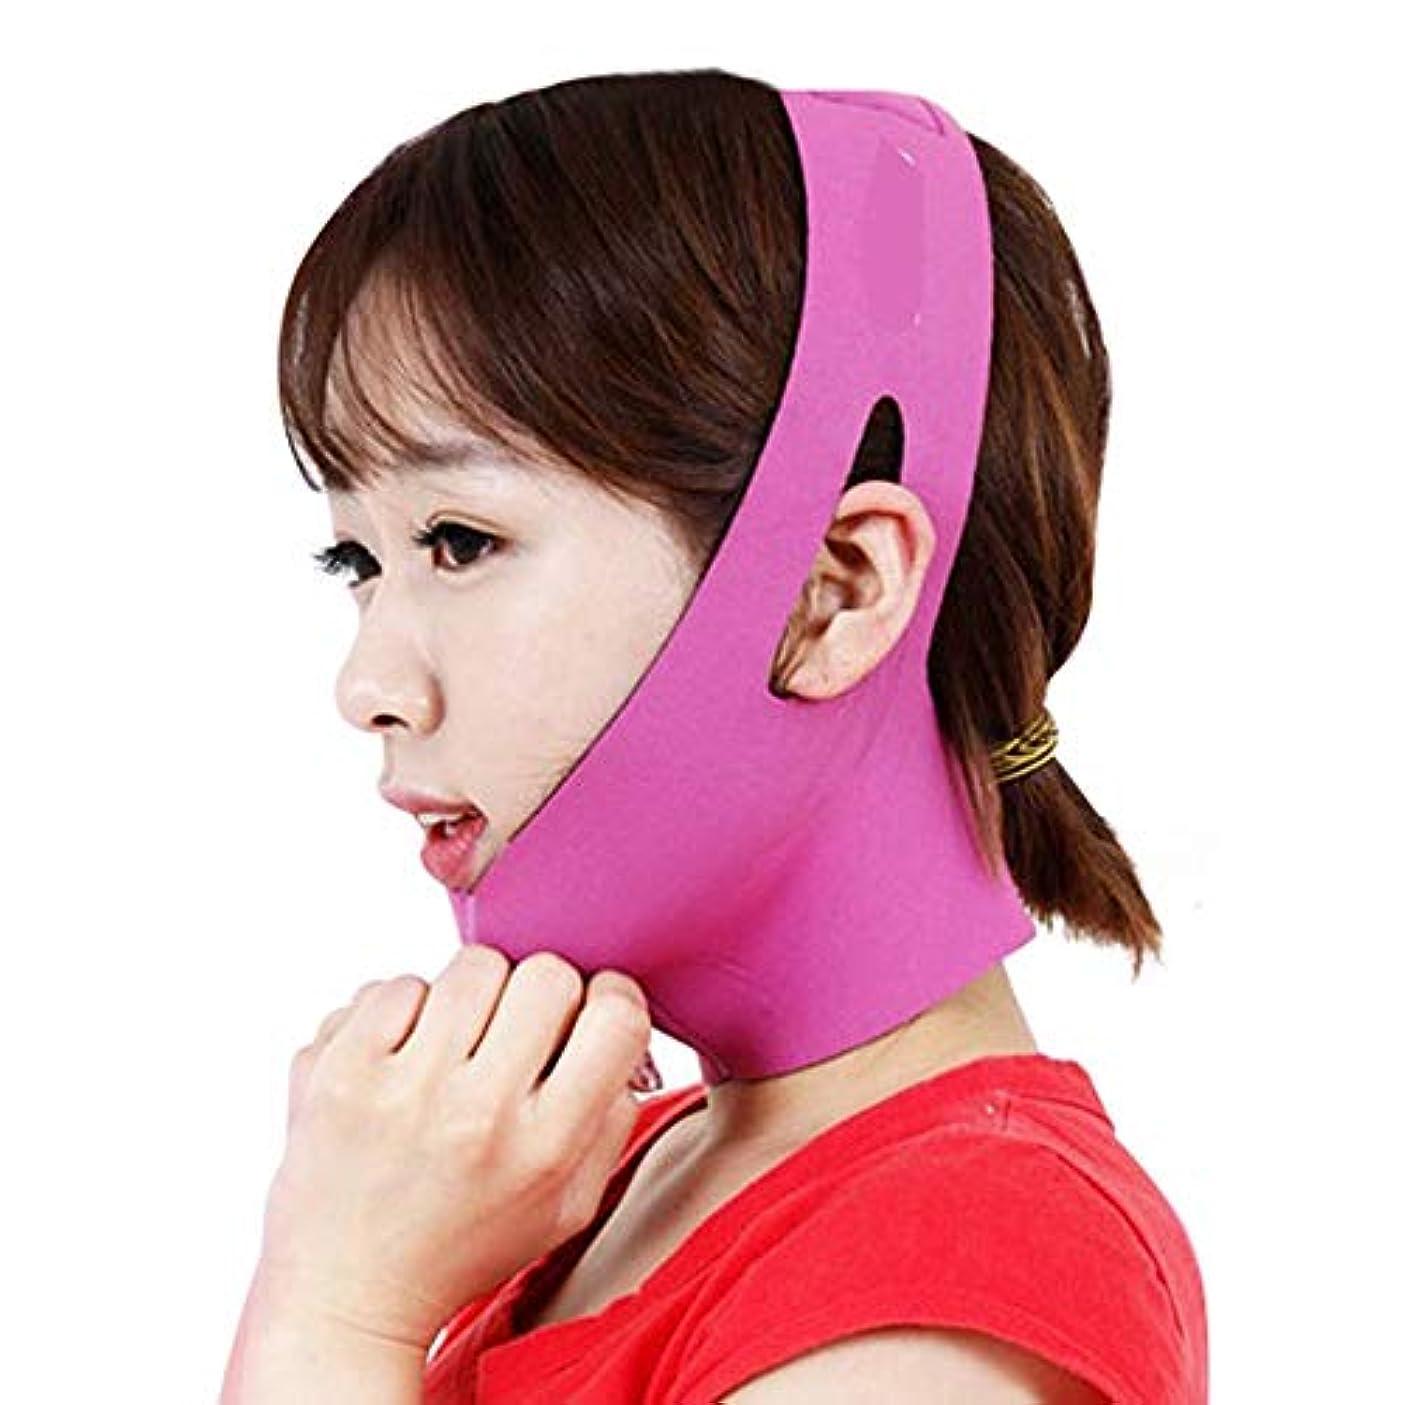 原点高めるモデレータMinmin フェイシャルリフティング痩身ベルト圧縮二重あご減量ベルトスキンケア薄い顔包帯二重あごワークアウト みんみんVラインフェイスマスク (Color : Pink)